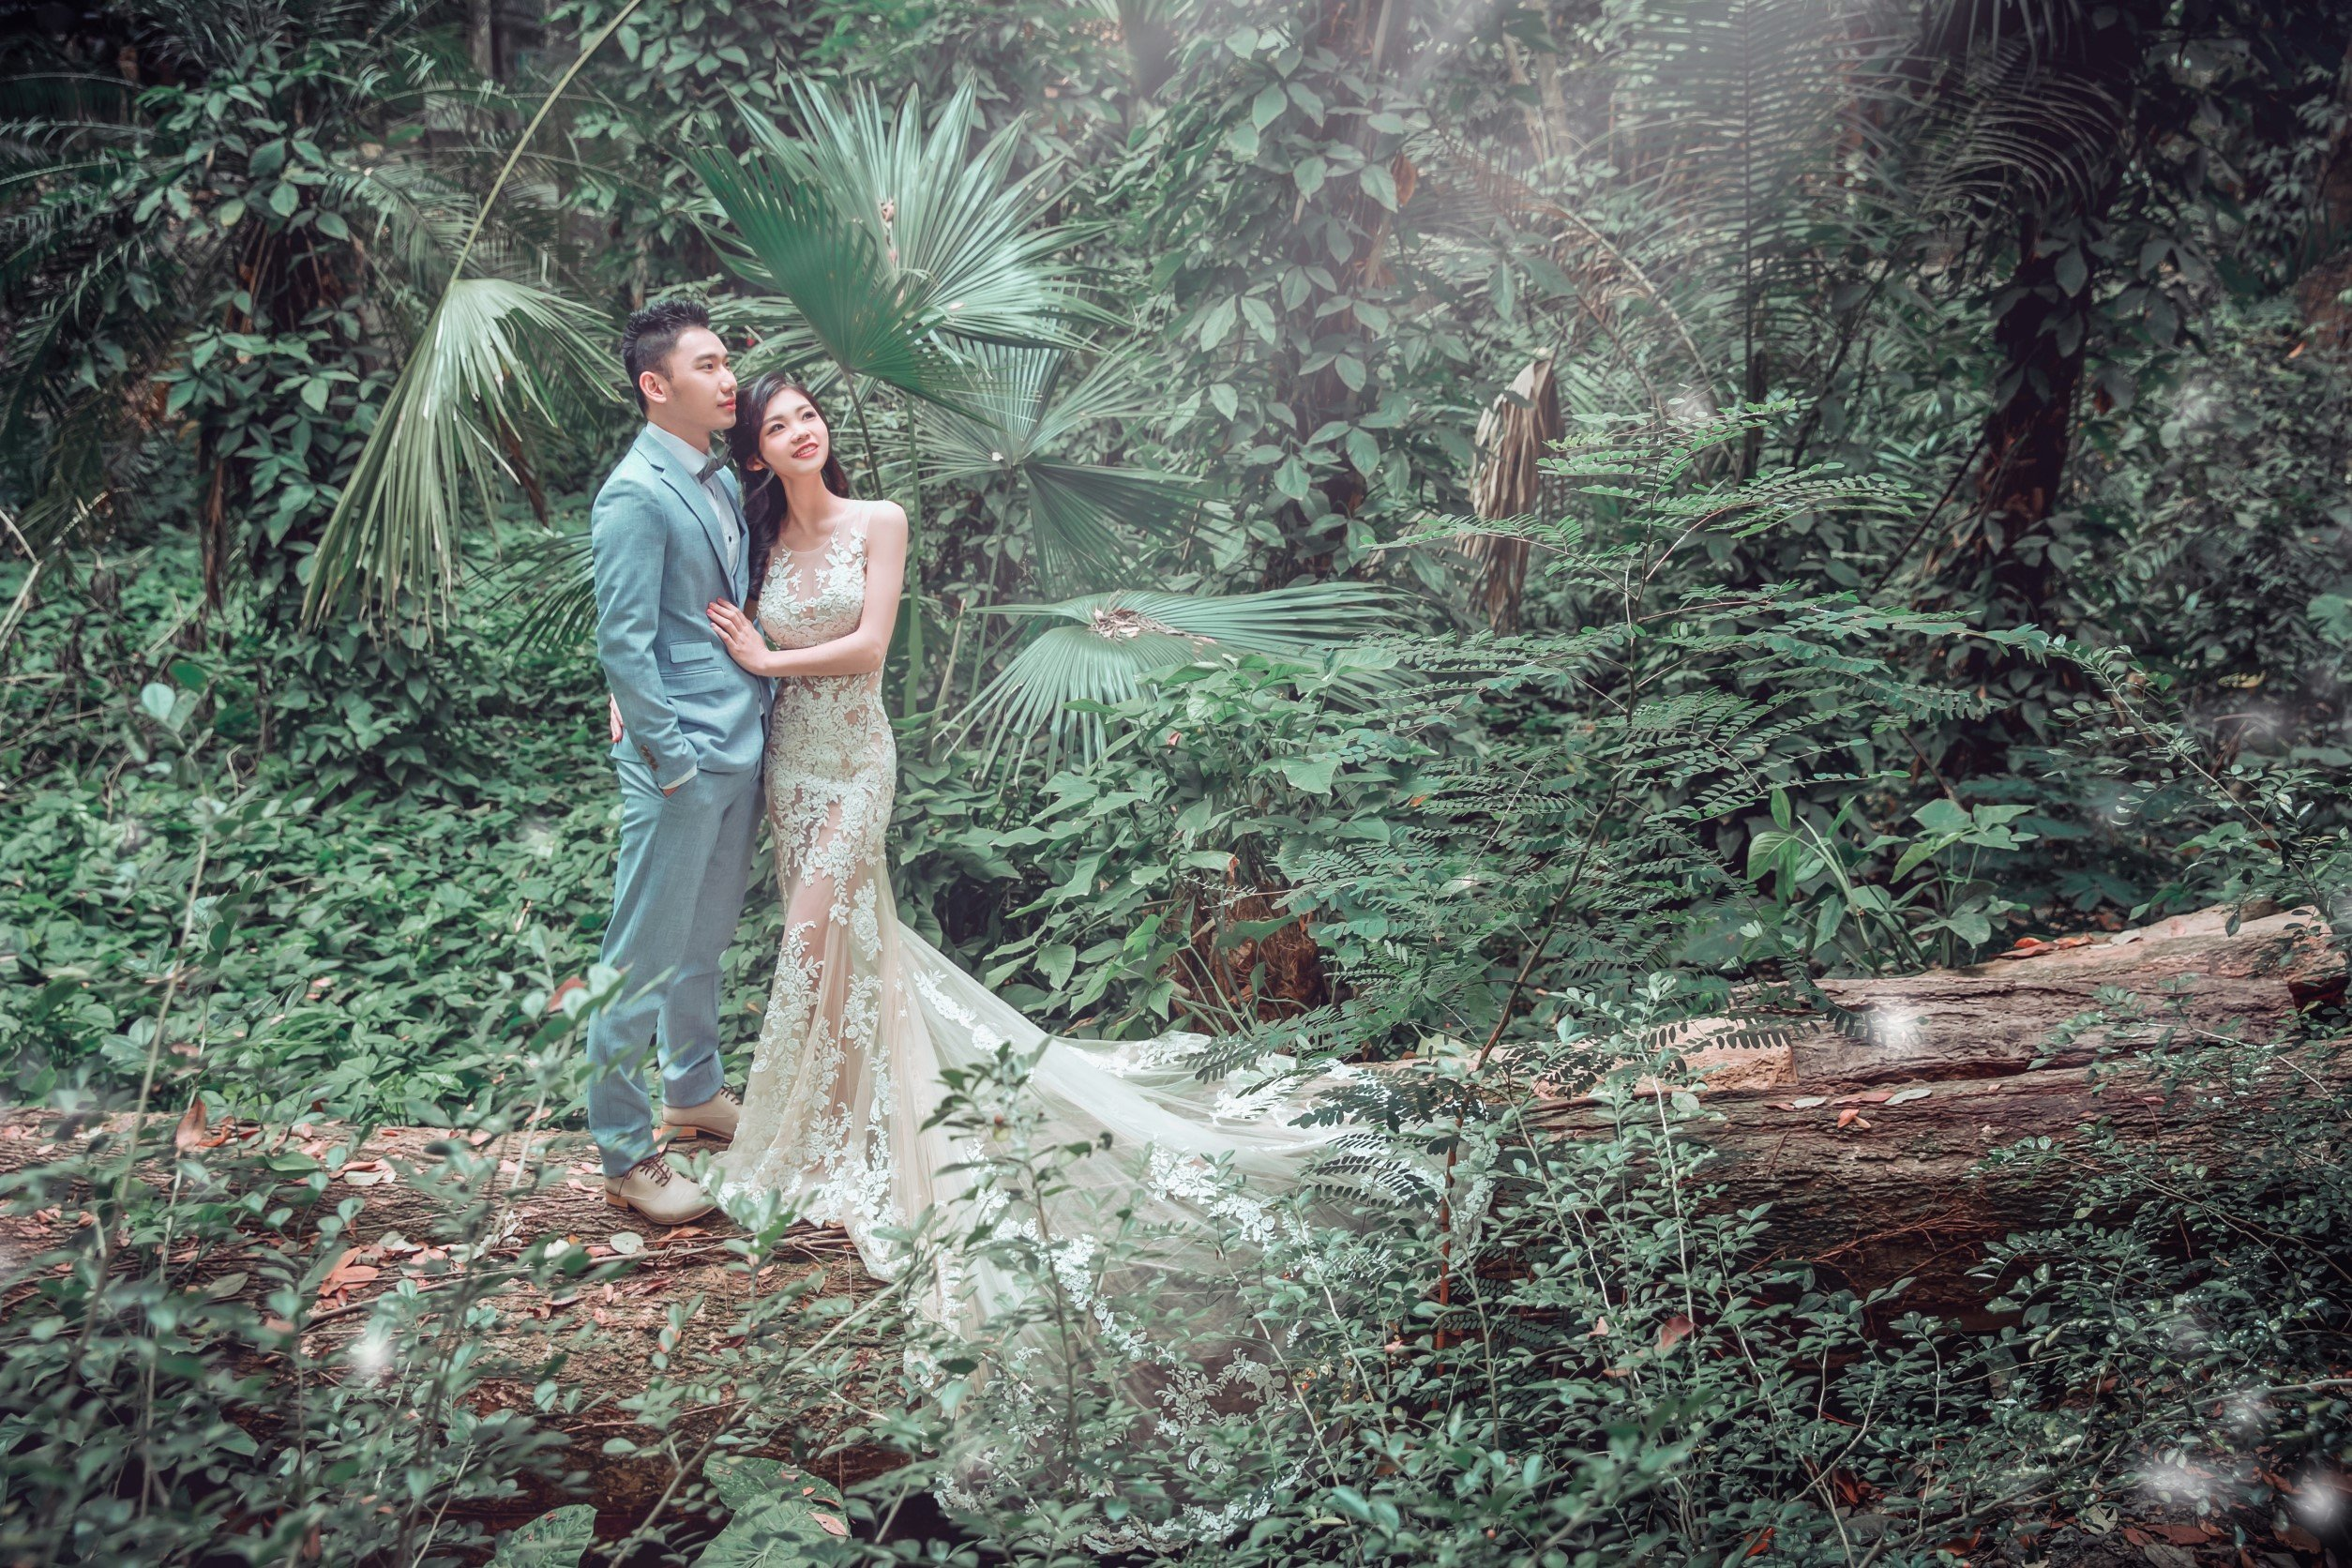 嘉義紐約紐約婚紗攝影-拍照心得分享4